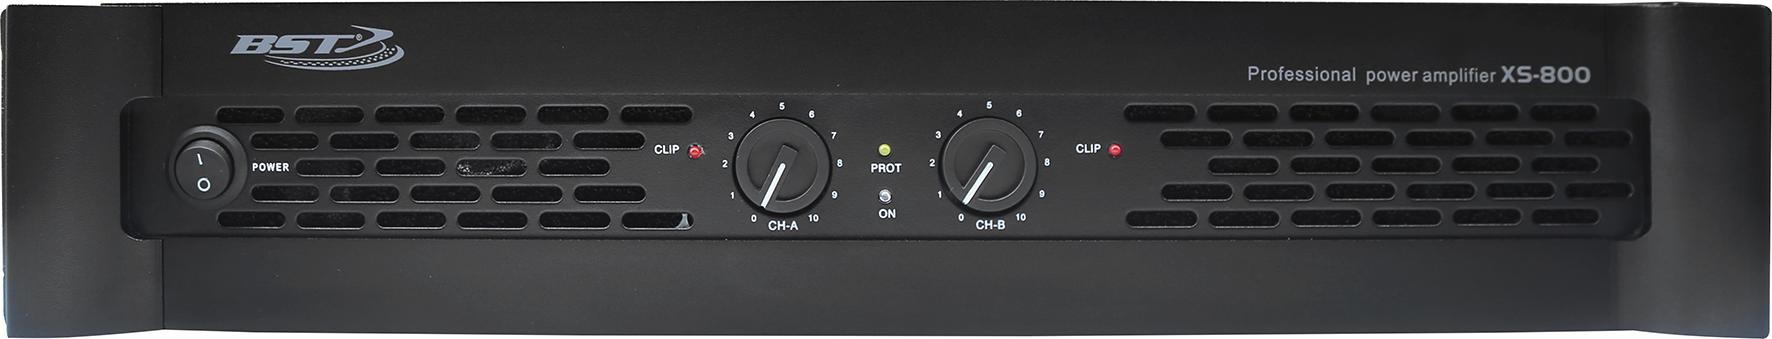 BST XS800 forstærker 2 x 500 watt